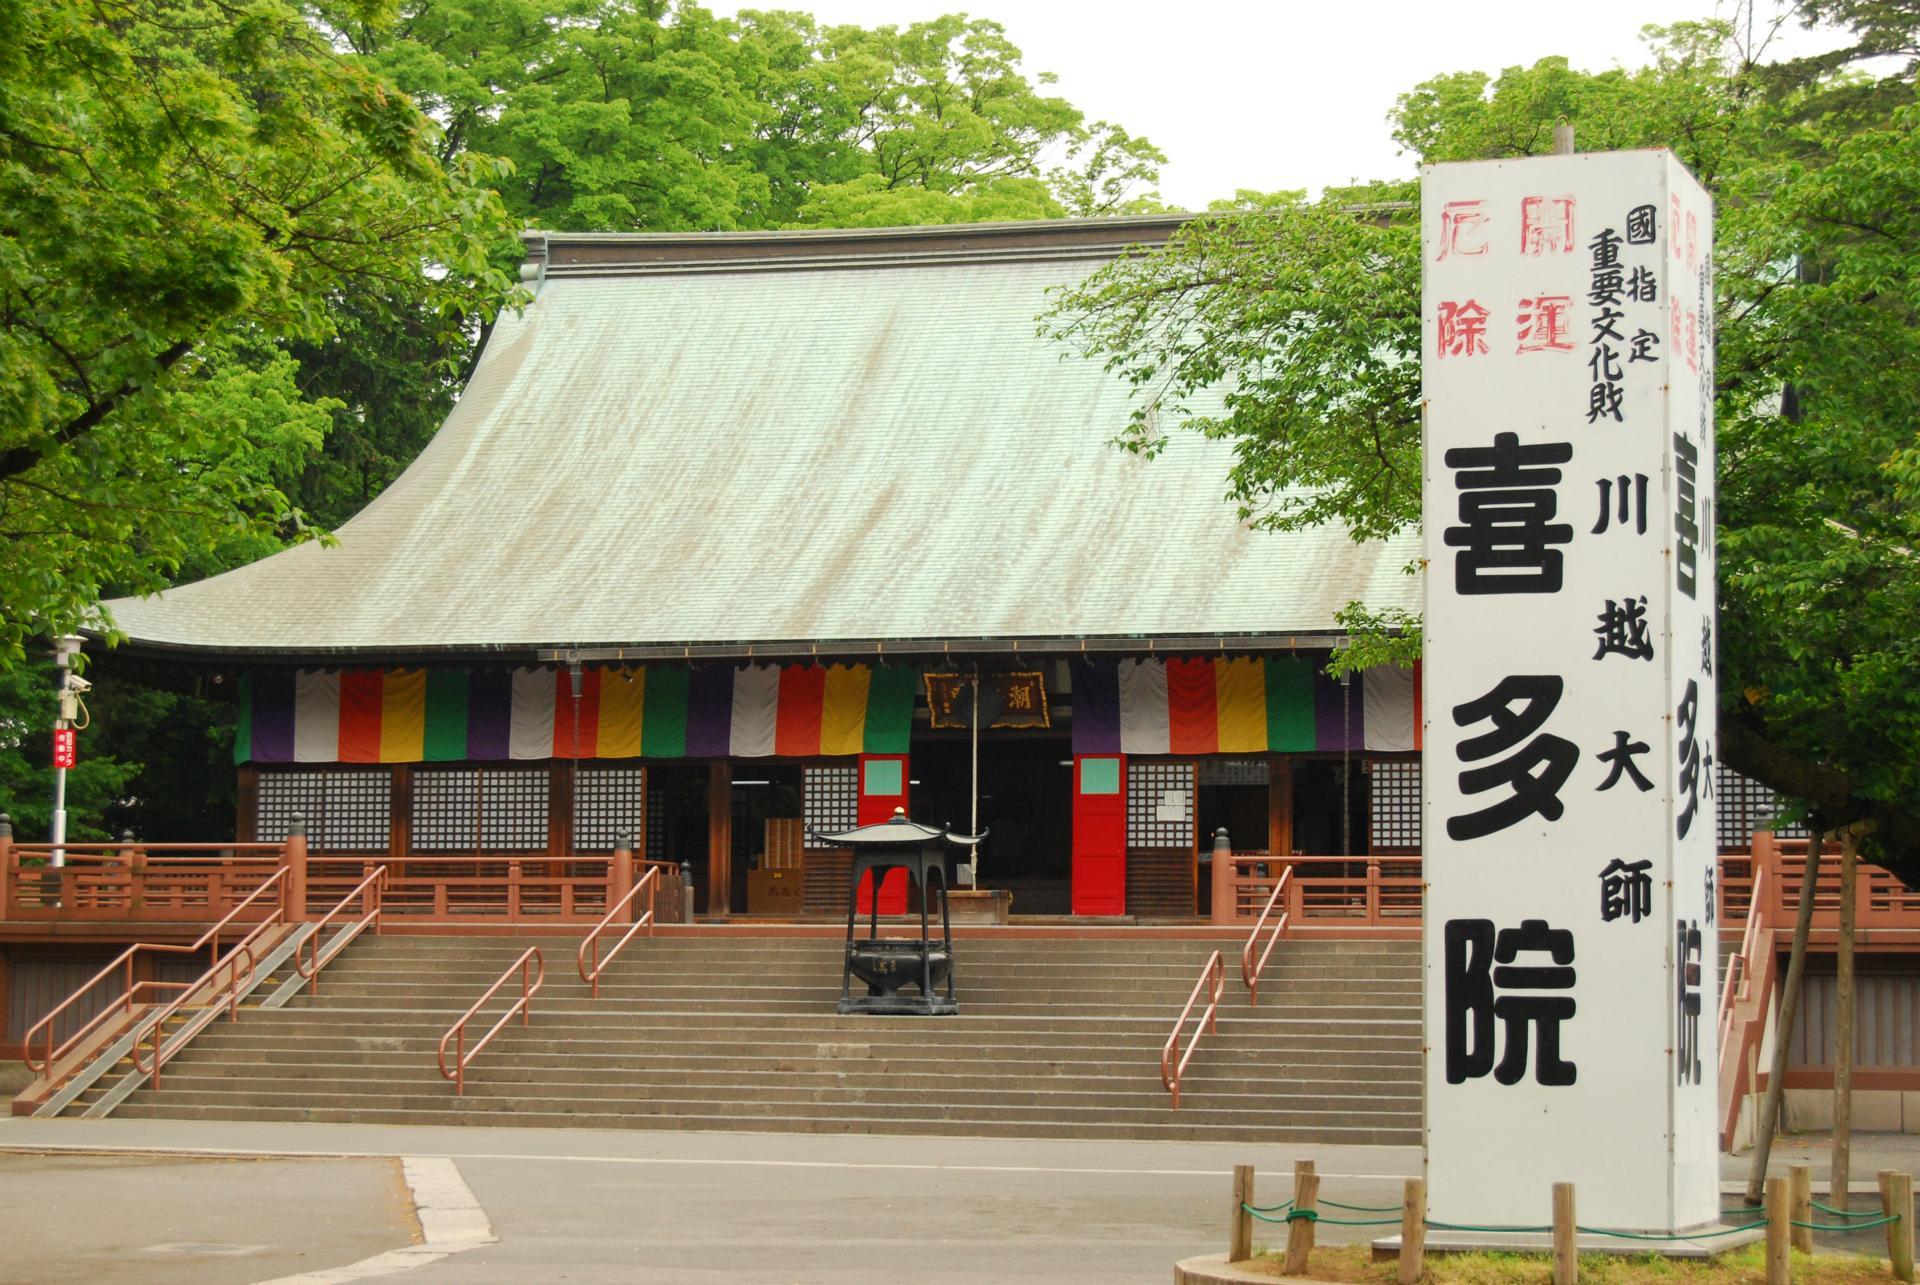 5月7日(木)くもり、川越の喜多院...